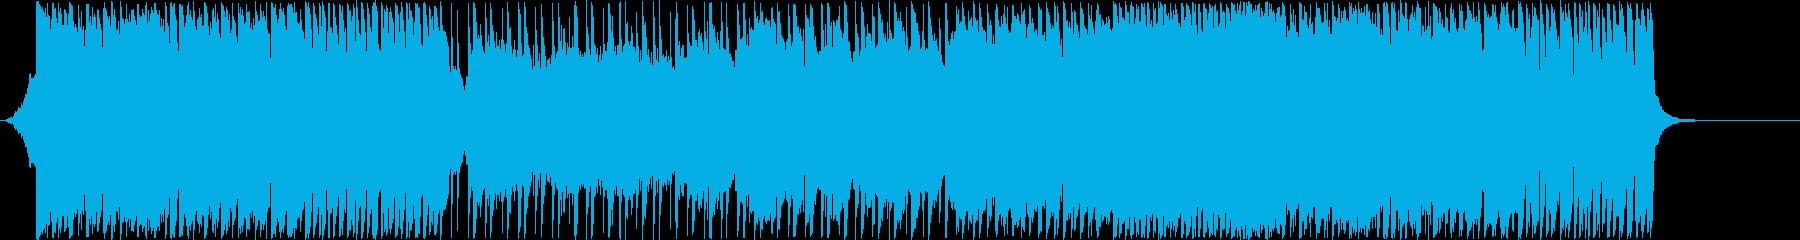 幻想的な3/4拍子のアイリッシュの再生済みの波形